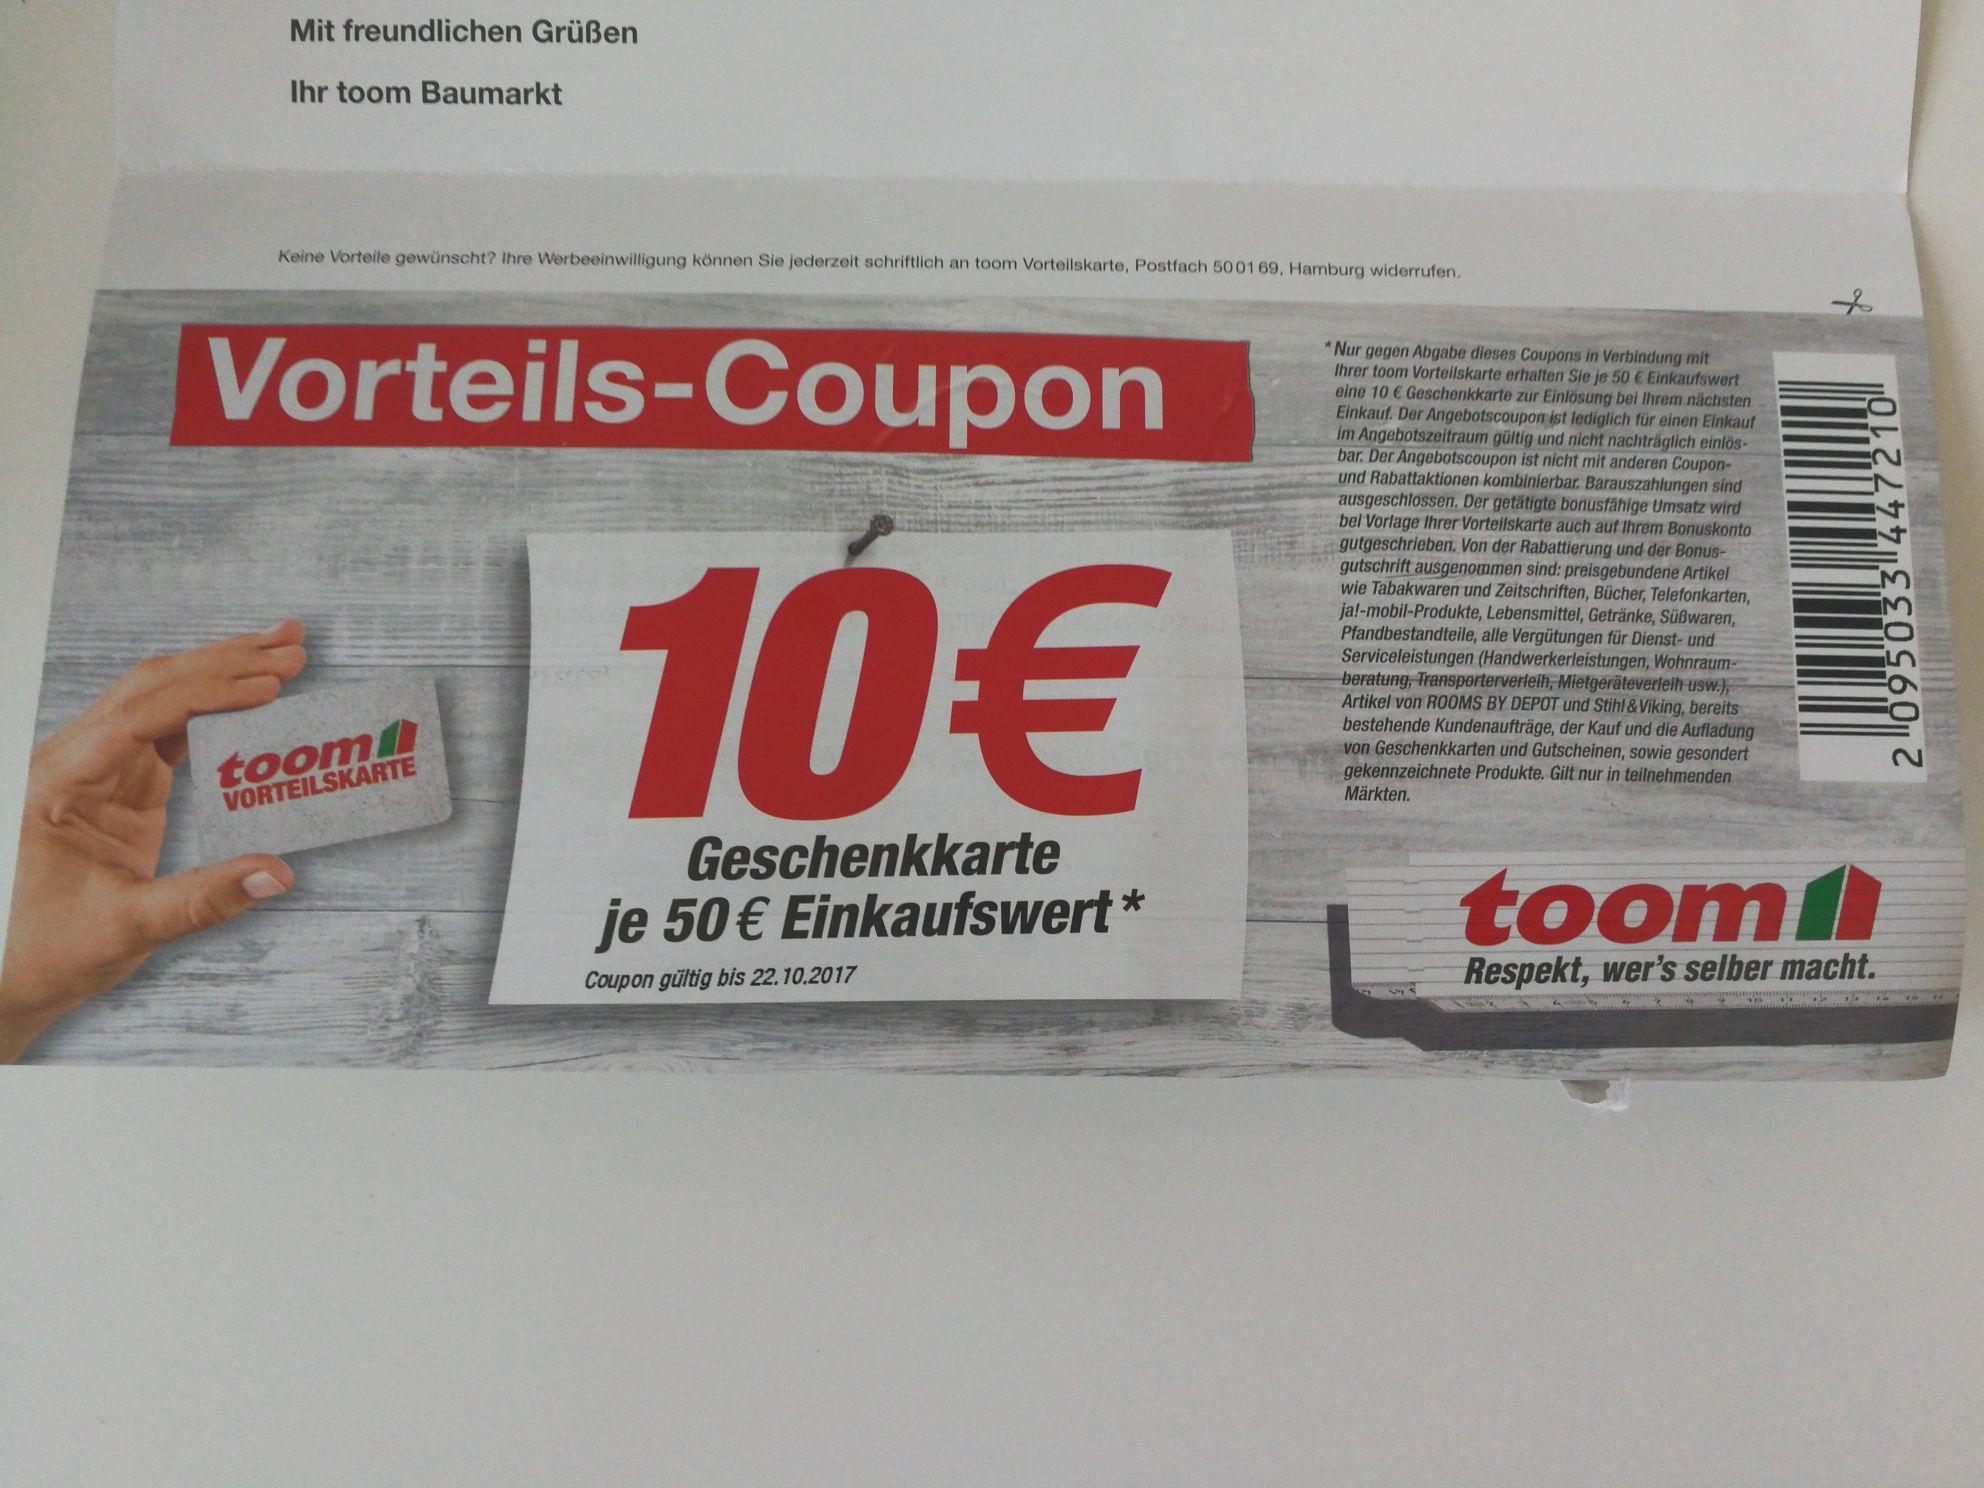 Toom 10€ Gutscheinkarte je 50€ Einkaufswert